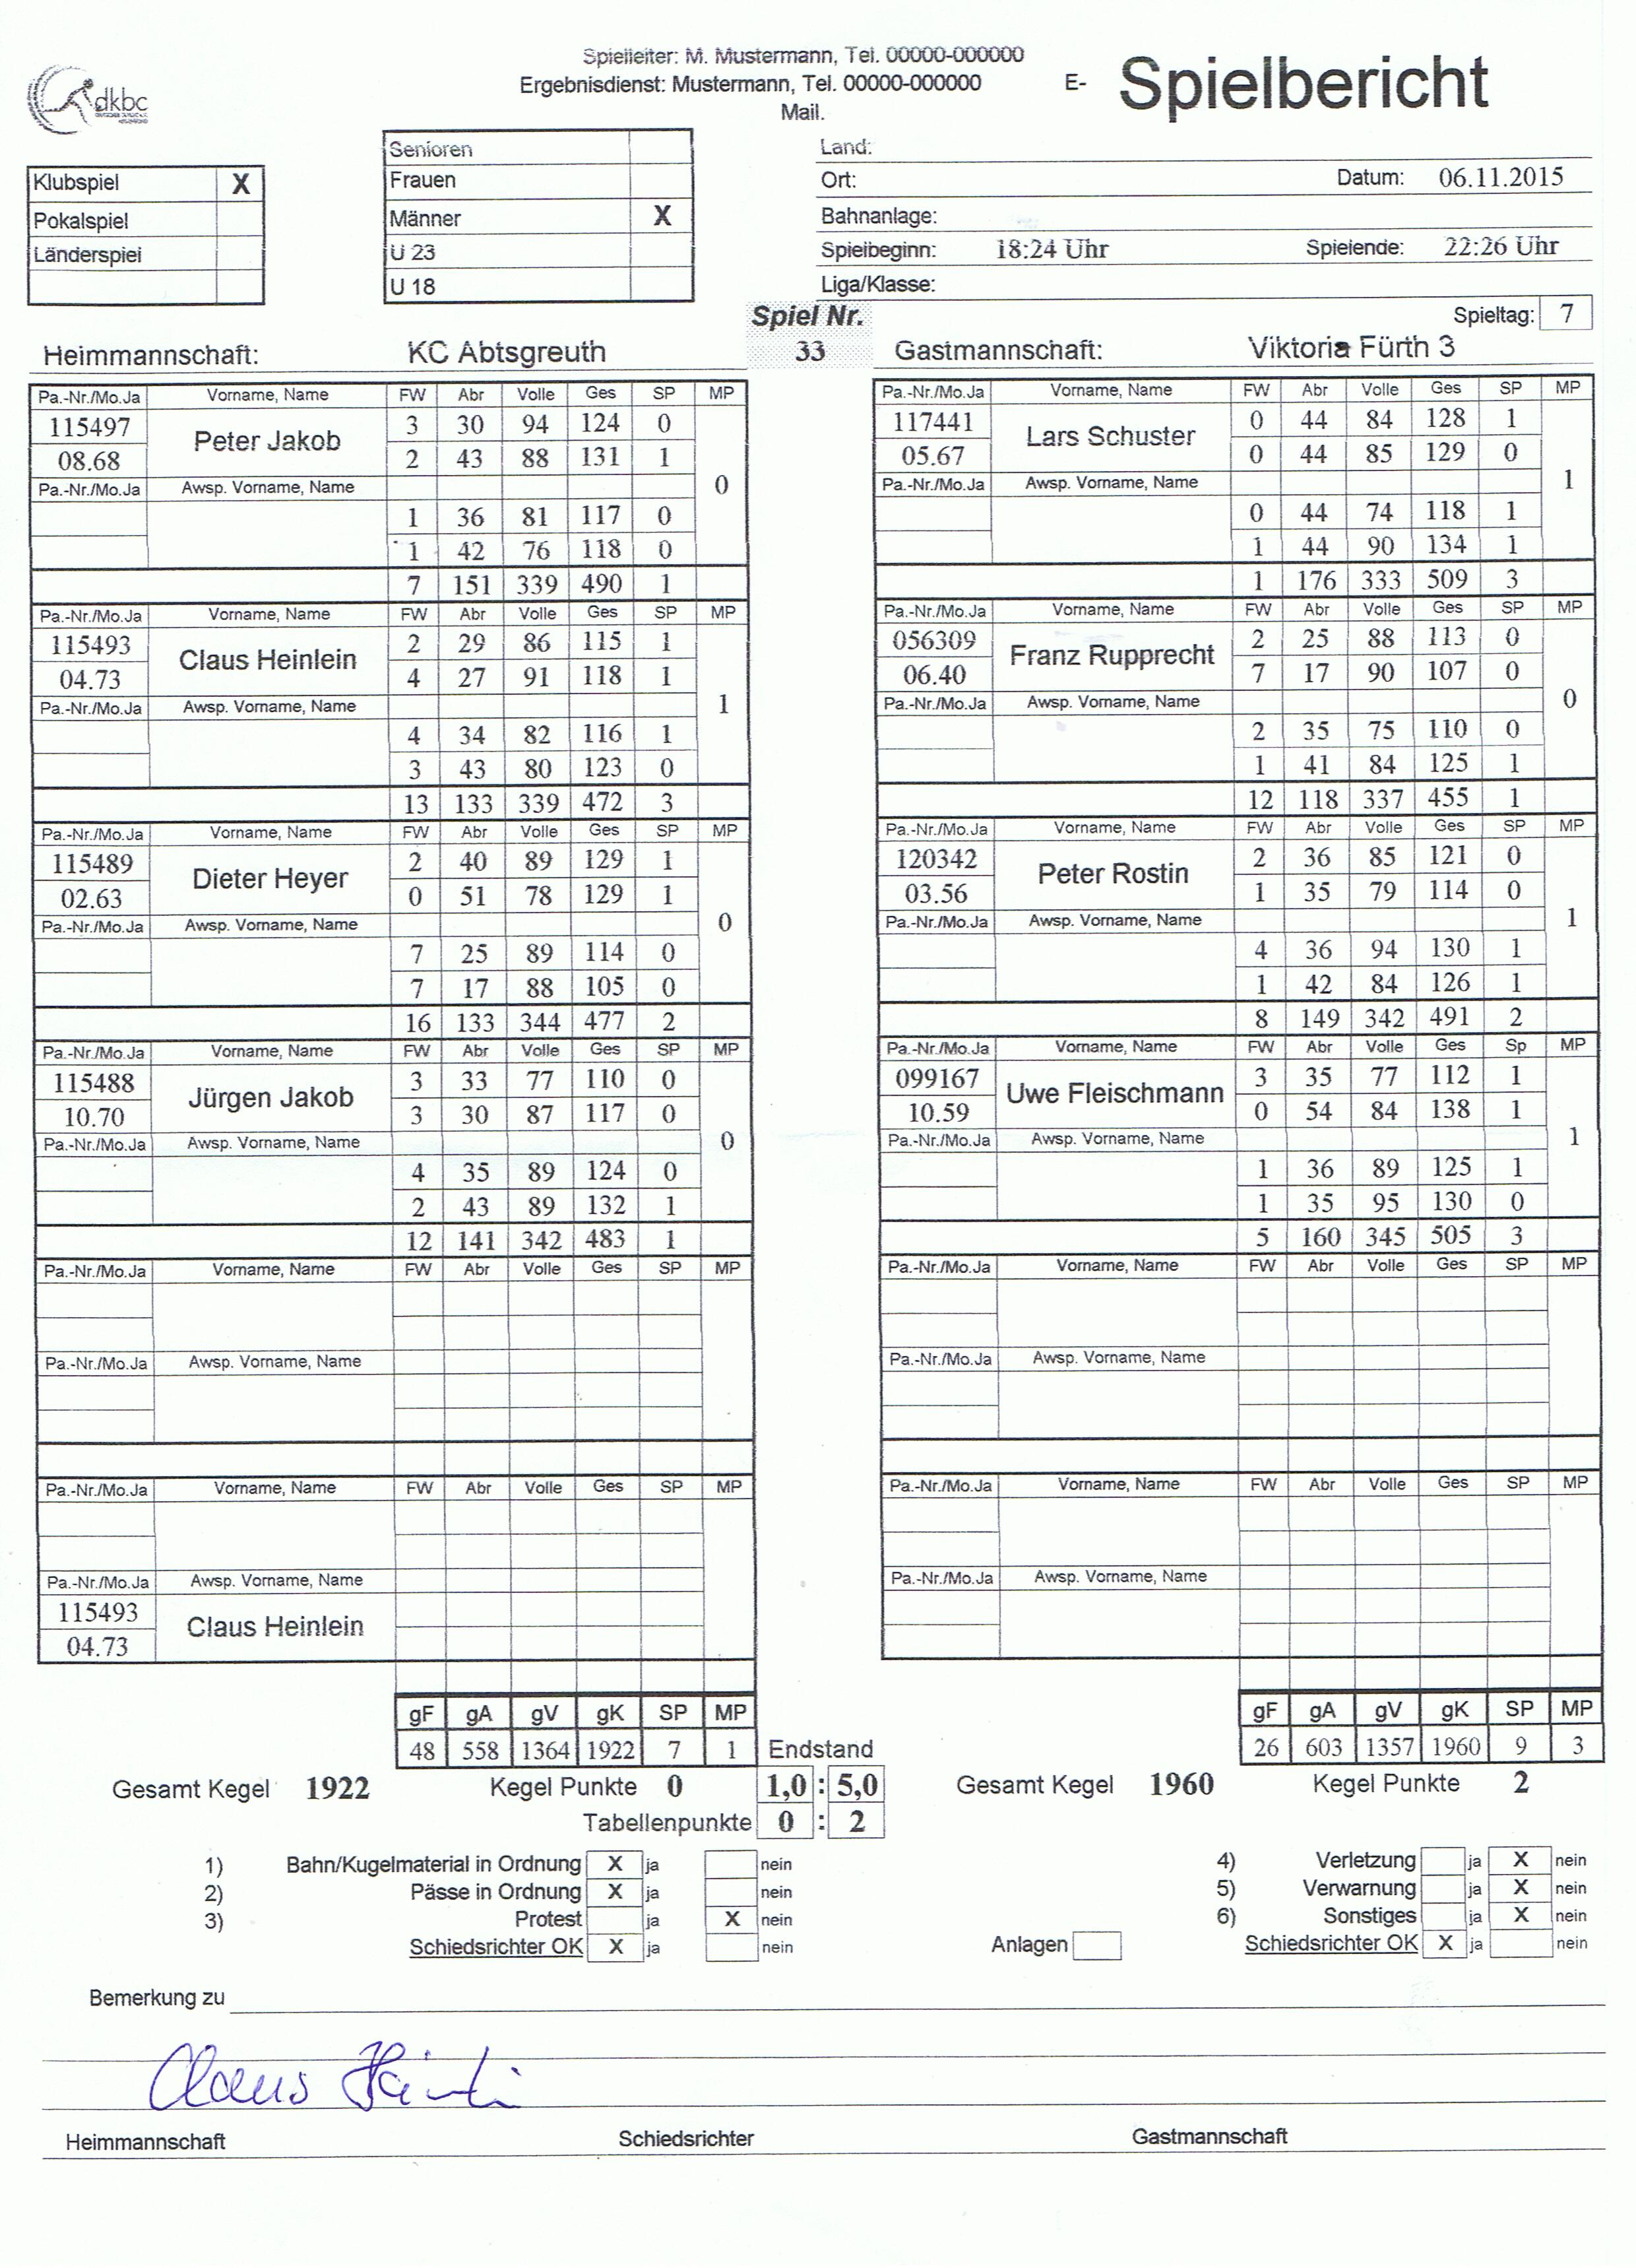 Abtsgreuth-V3